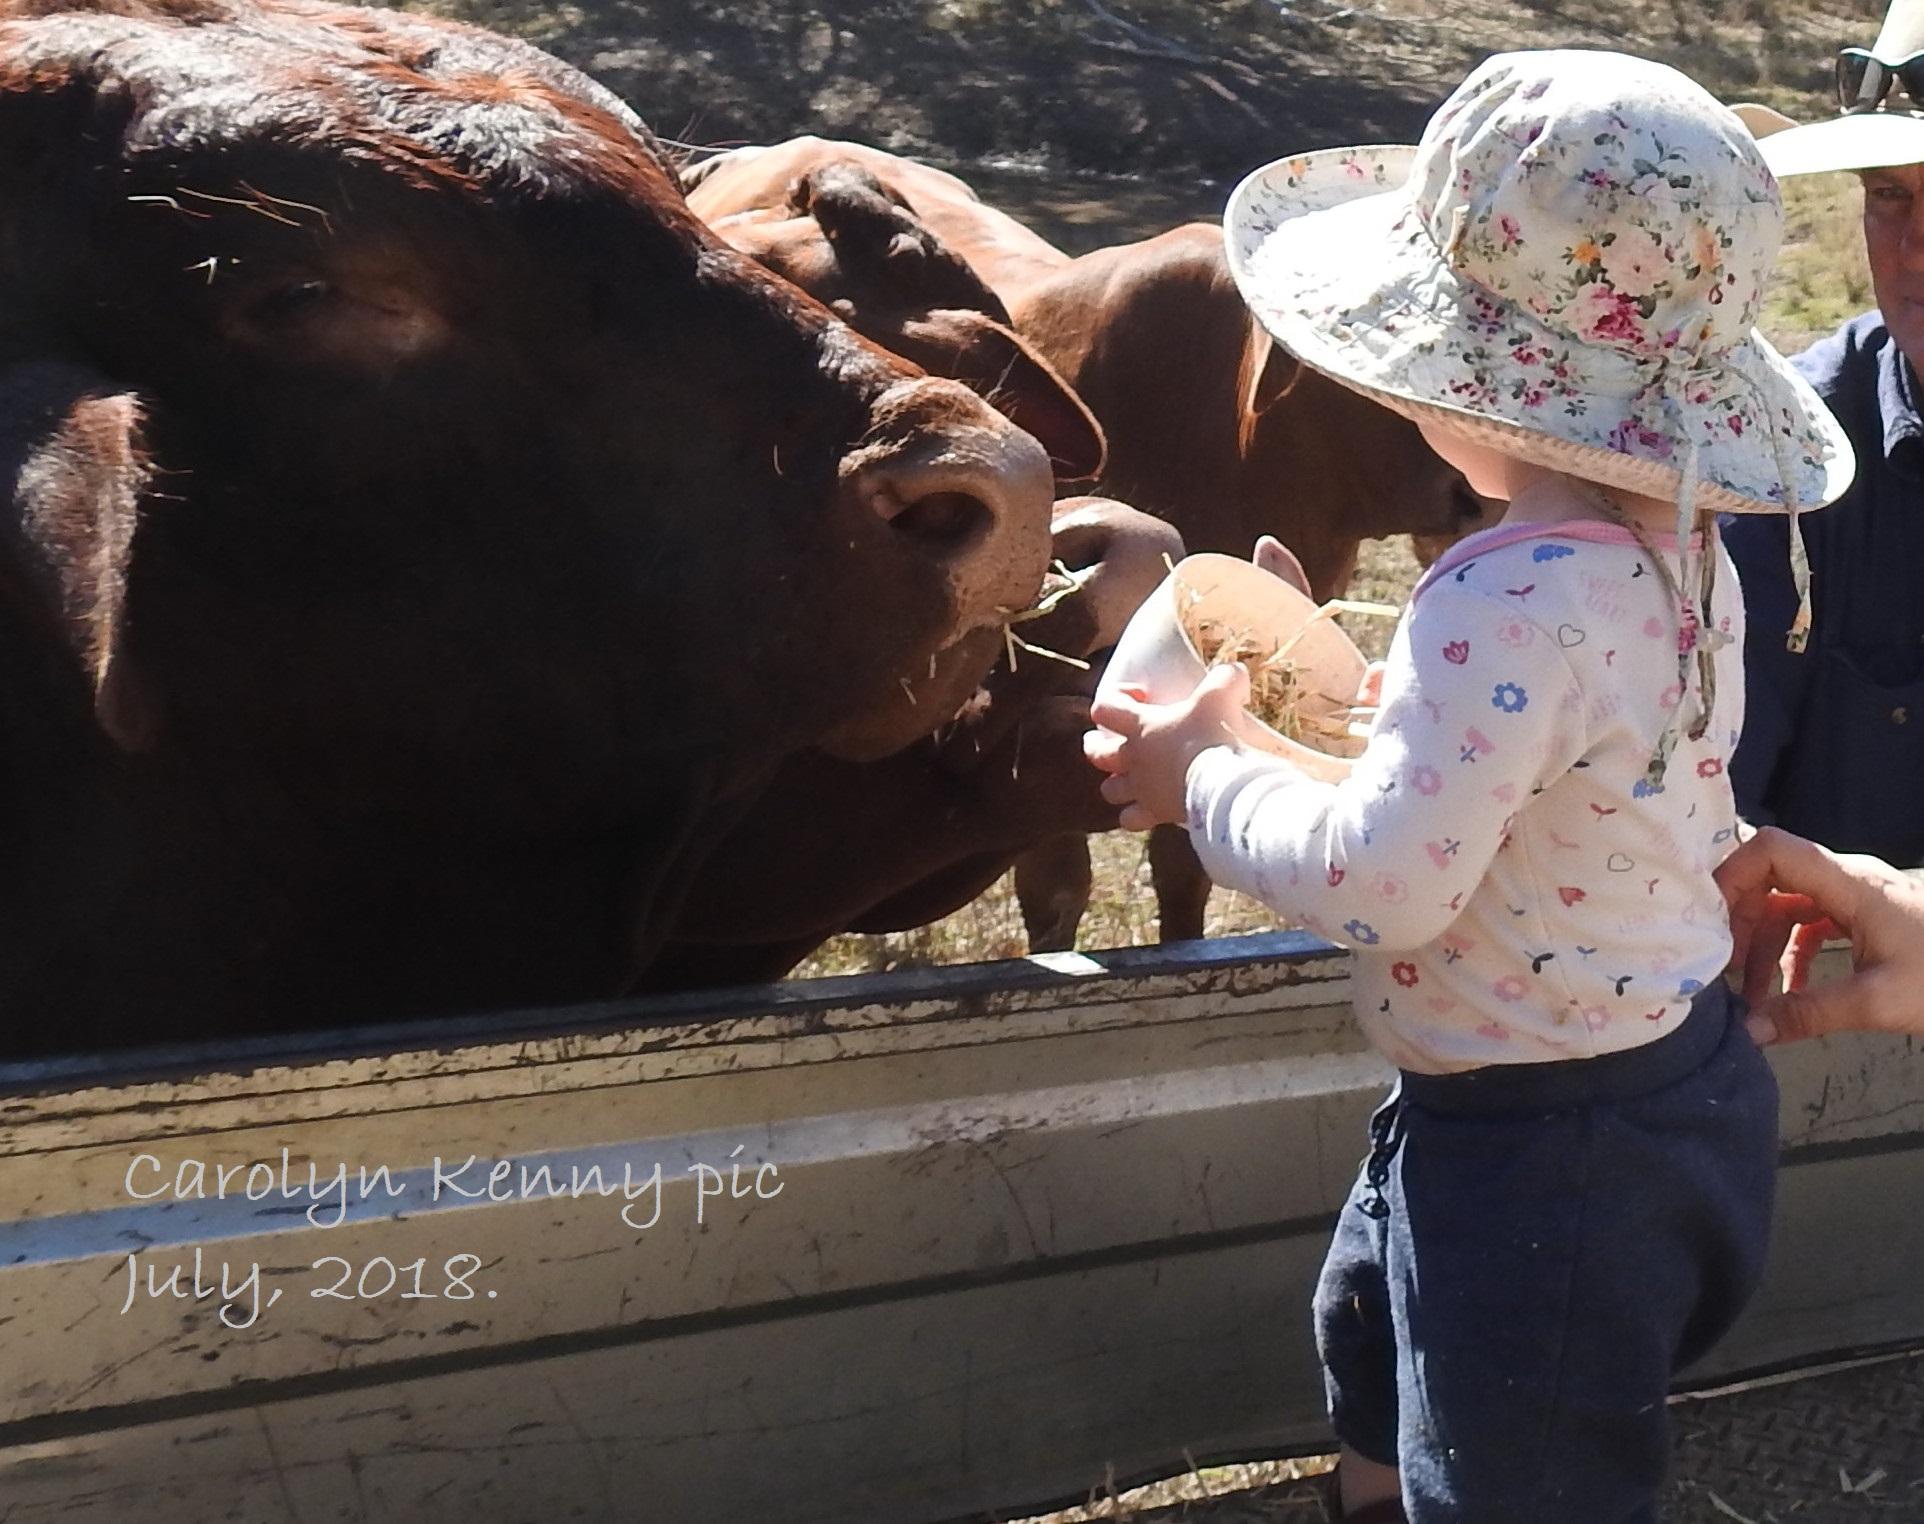 Granddaughter feeding Harley at Waja